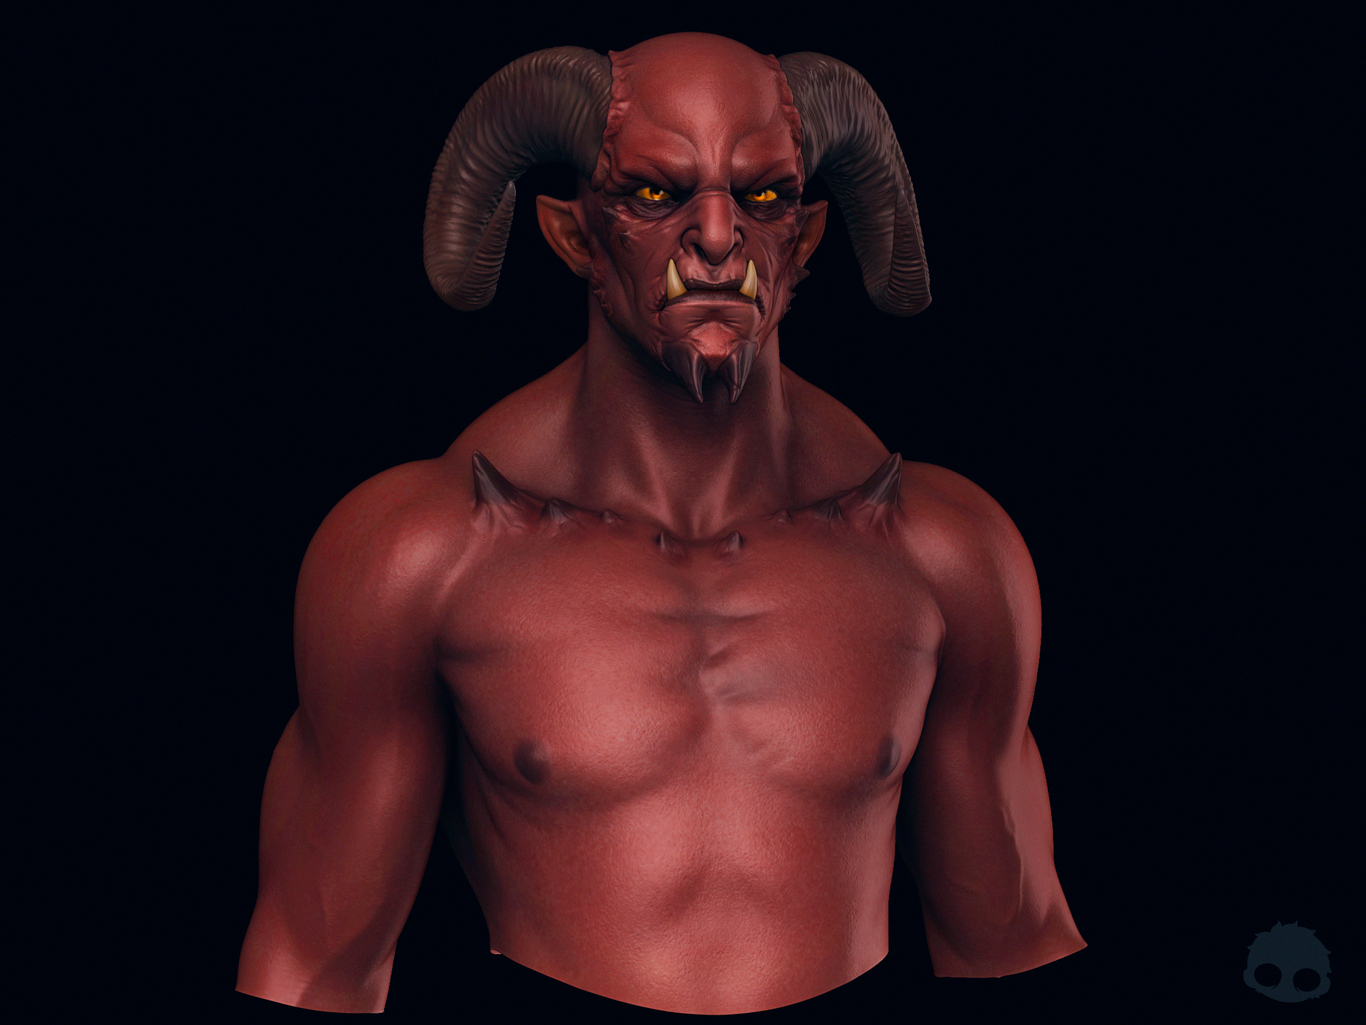 Alexnavi demon 1 01f505a4 zs1c